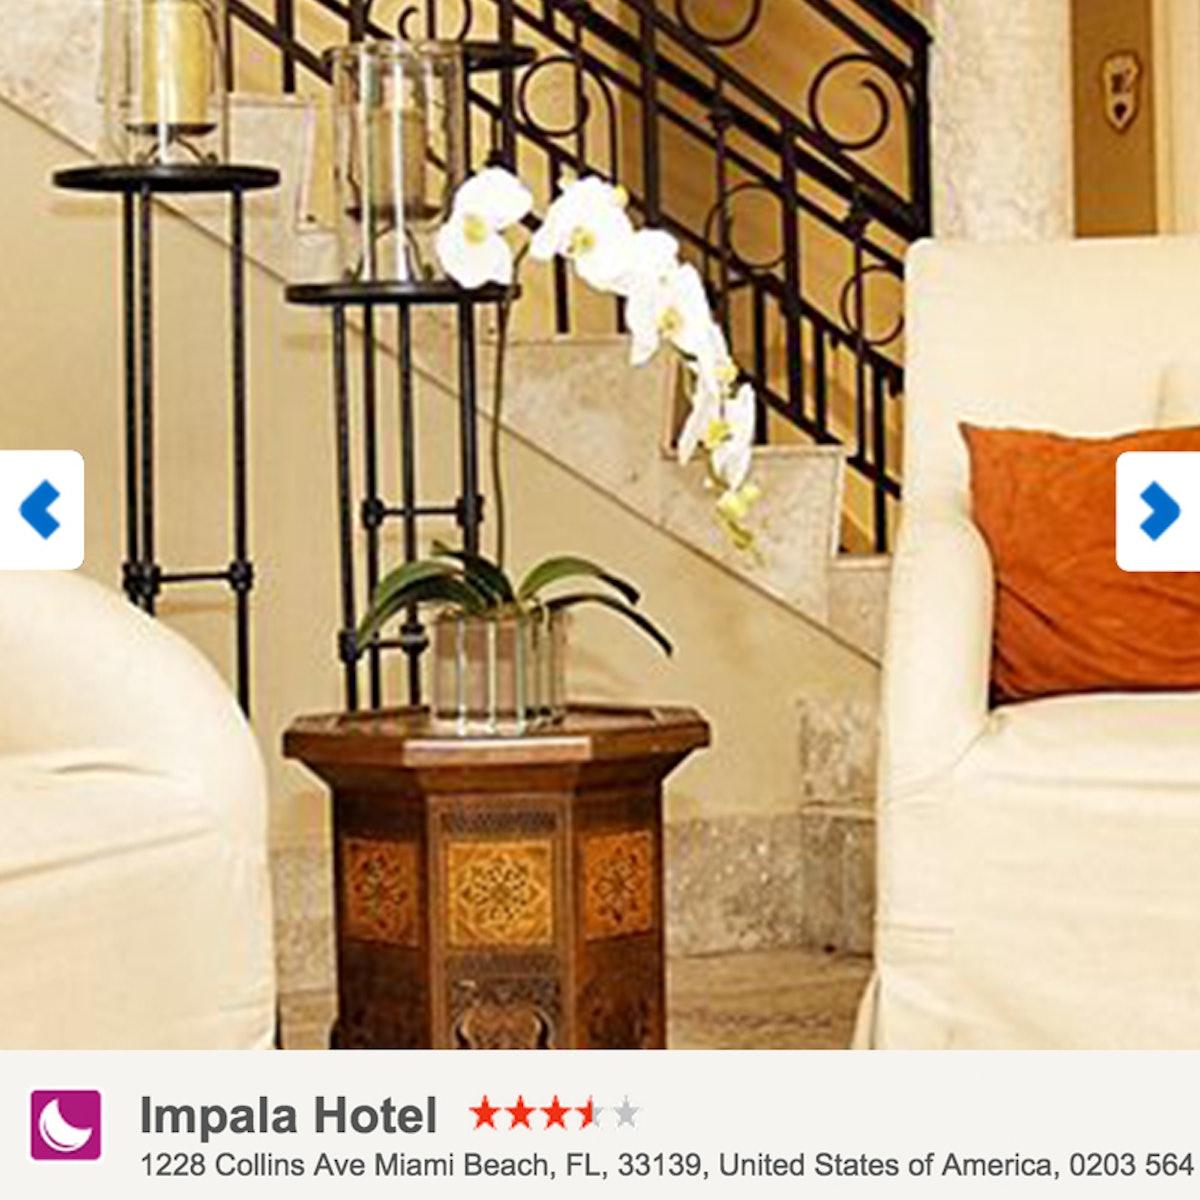 Amalia Ulman captures The Impala Hotel